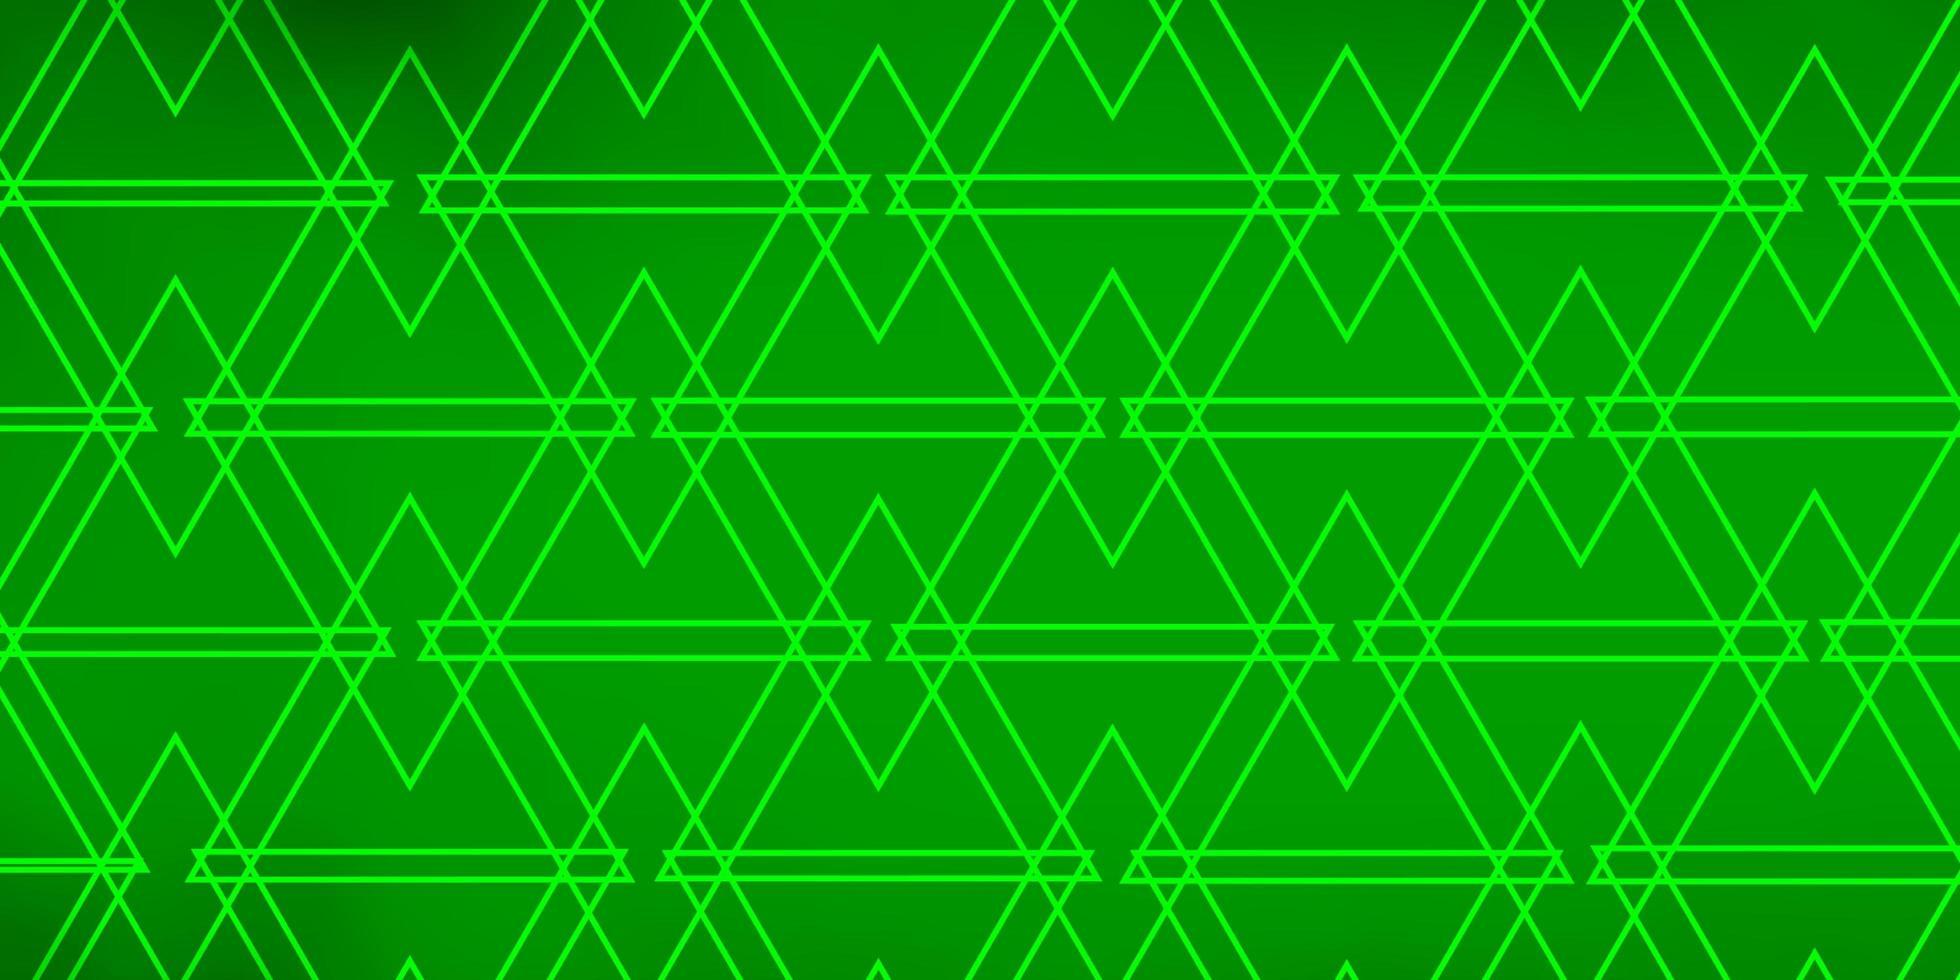 hellgrünes Layout mit Linien, Dreiecken. vektor